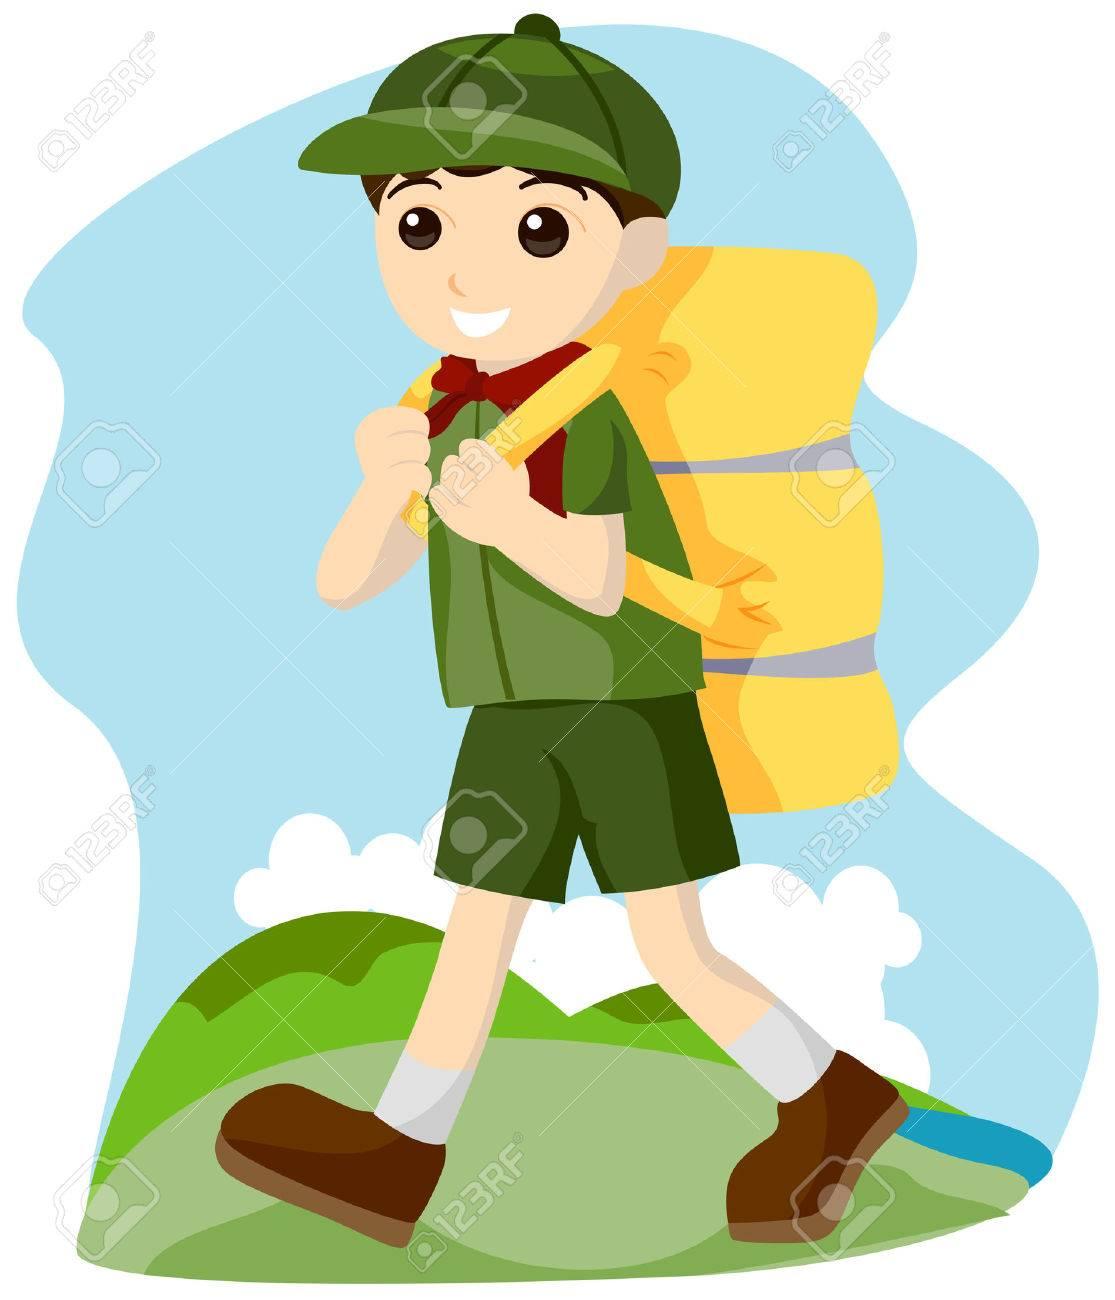 Boy Camping Stock Vector - 3547486